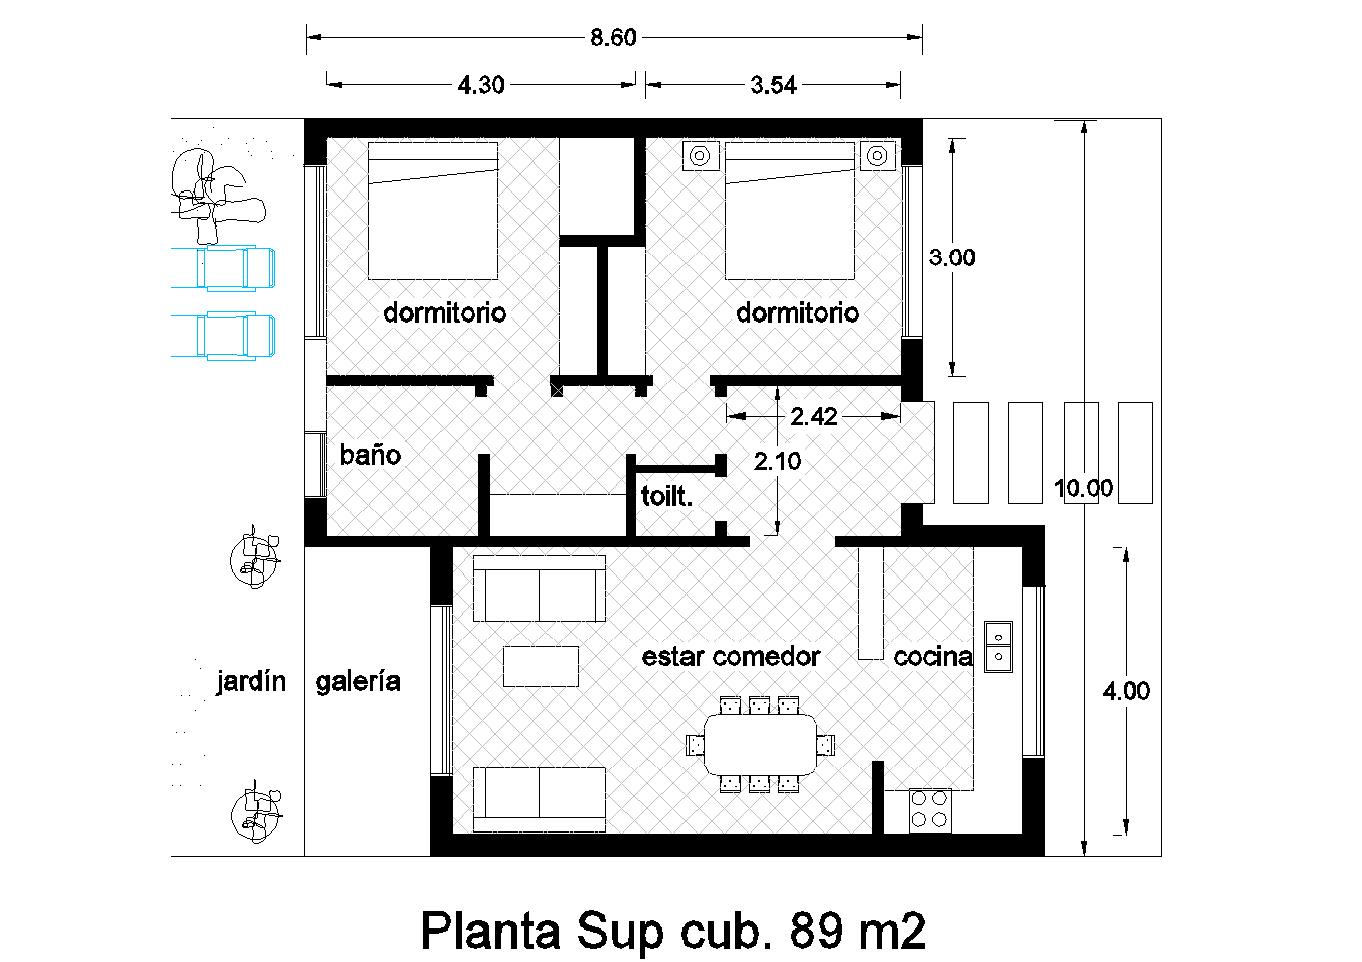 Best disenos 42 metros cuadrados for Diseno de casa de 300 metros cuadrados